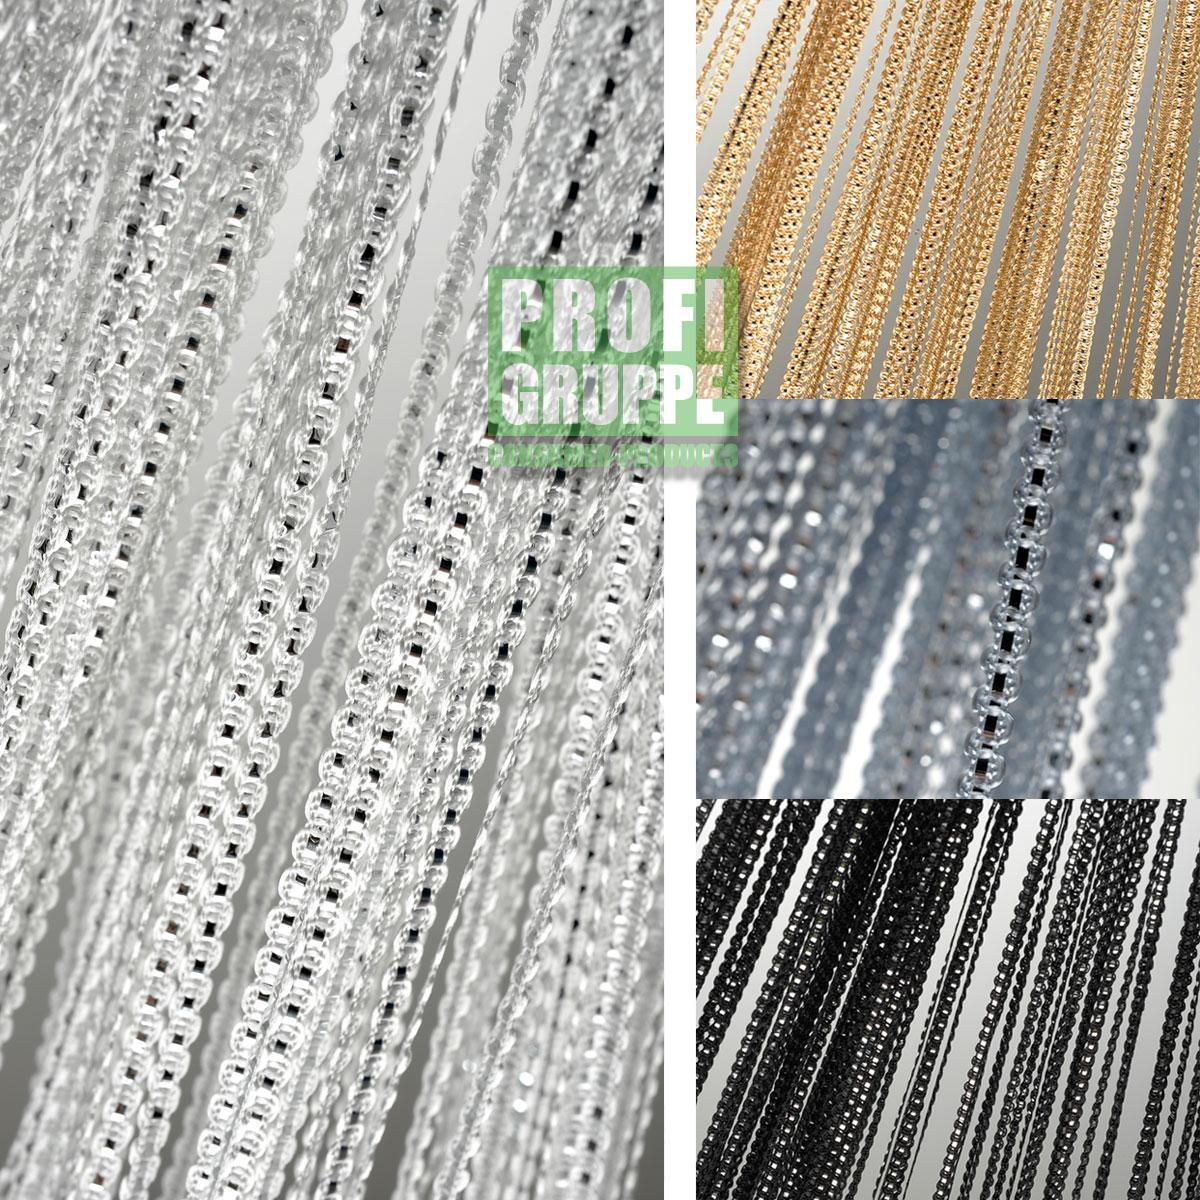 fadenvorhang vorhang raumteiler gardine sichtschutz insektenschutz neu ebay. Black Bedroom Furniture Sets. Home Design Ideas